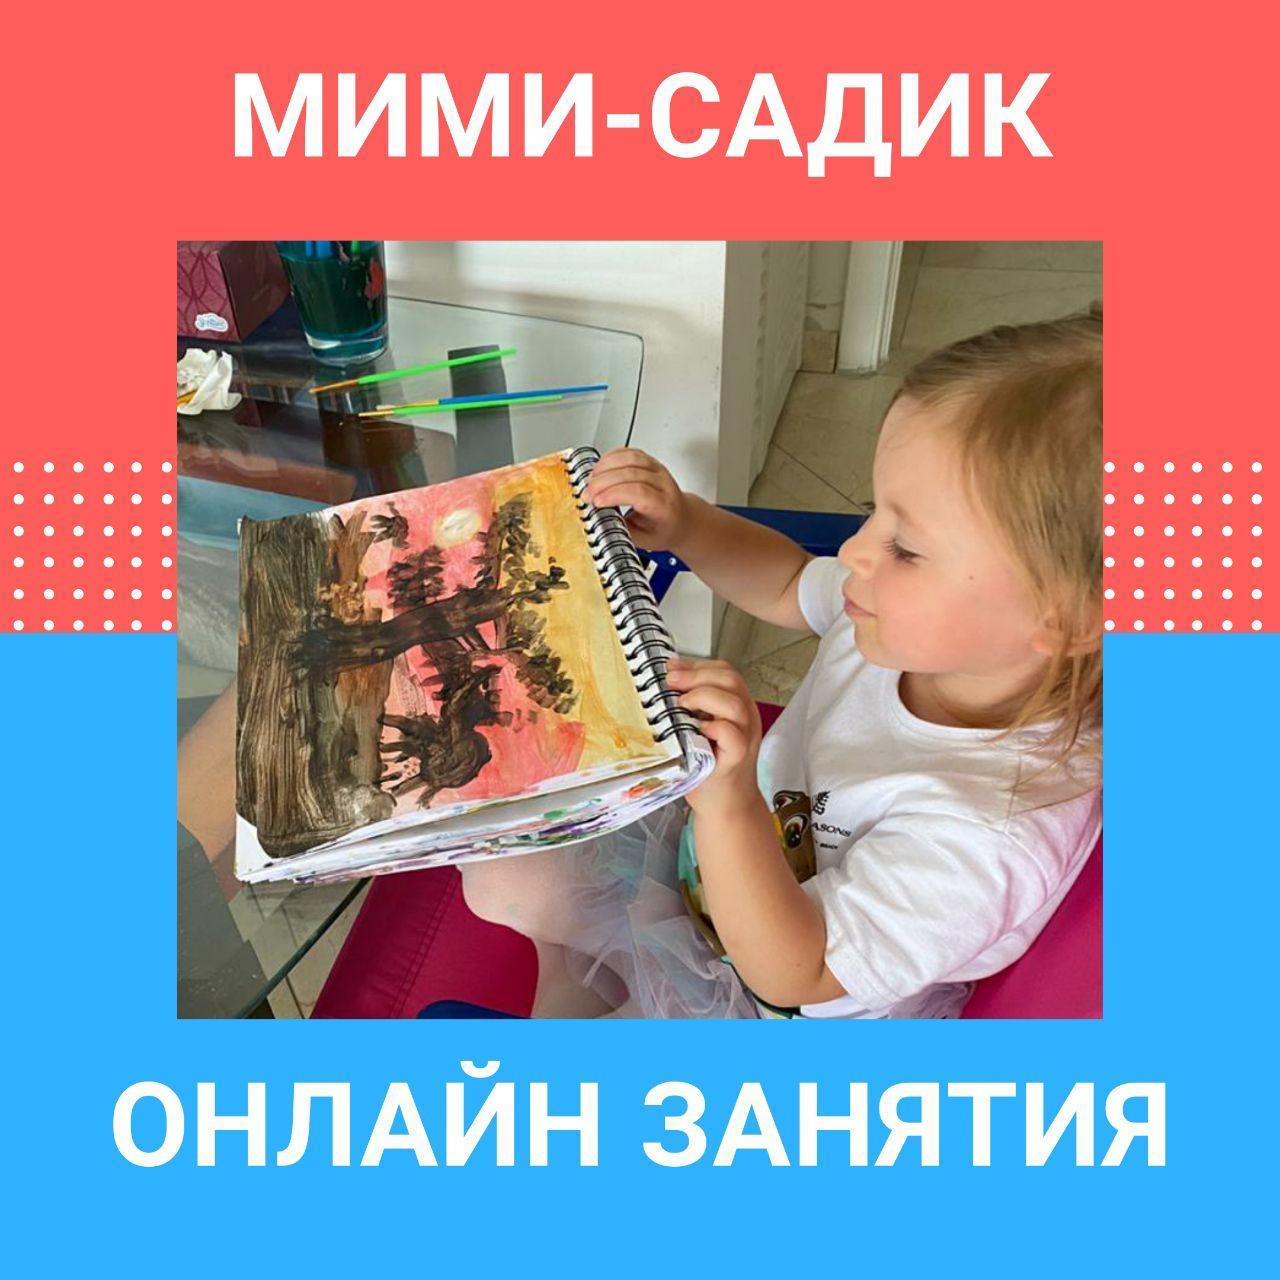 photo_2020-03-27_15-09-34